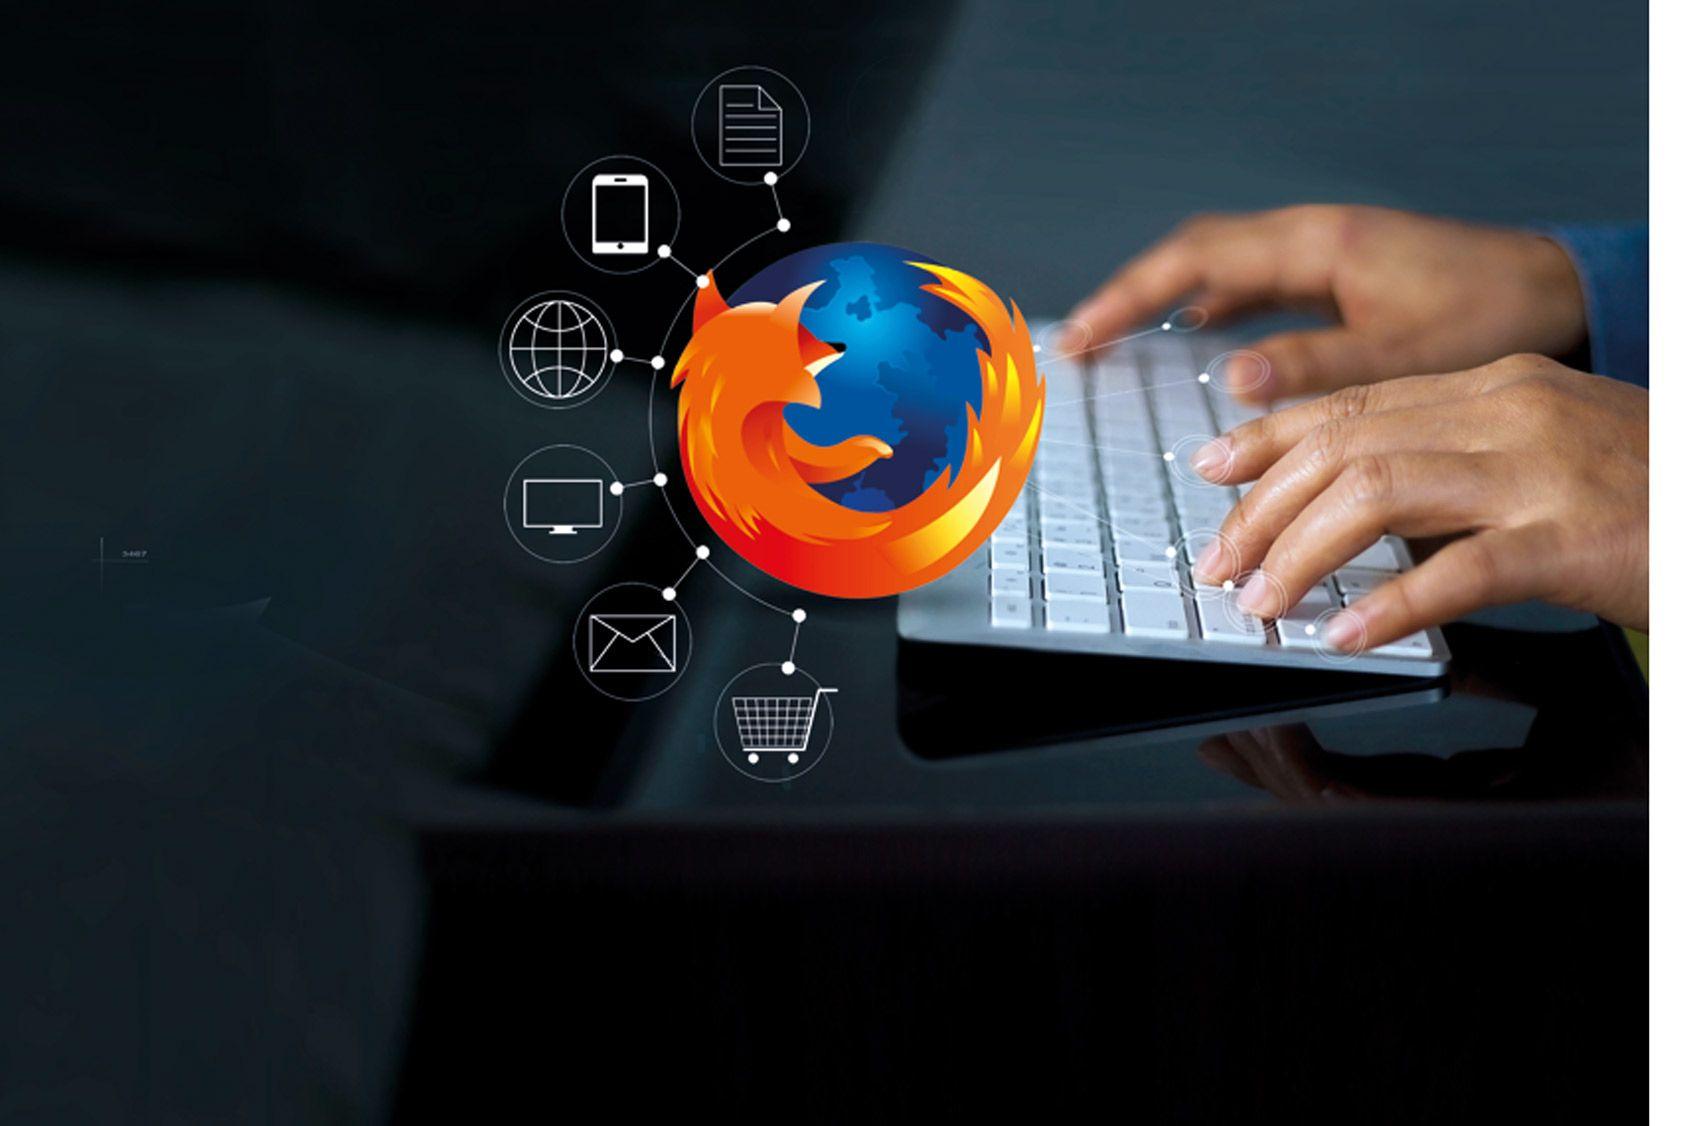 Mode d'emploi: surfez serein avec Firefox